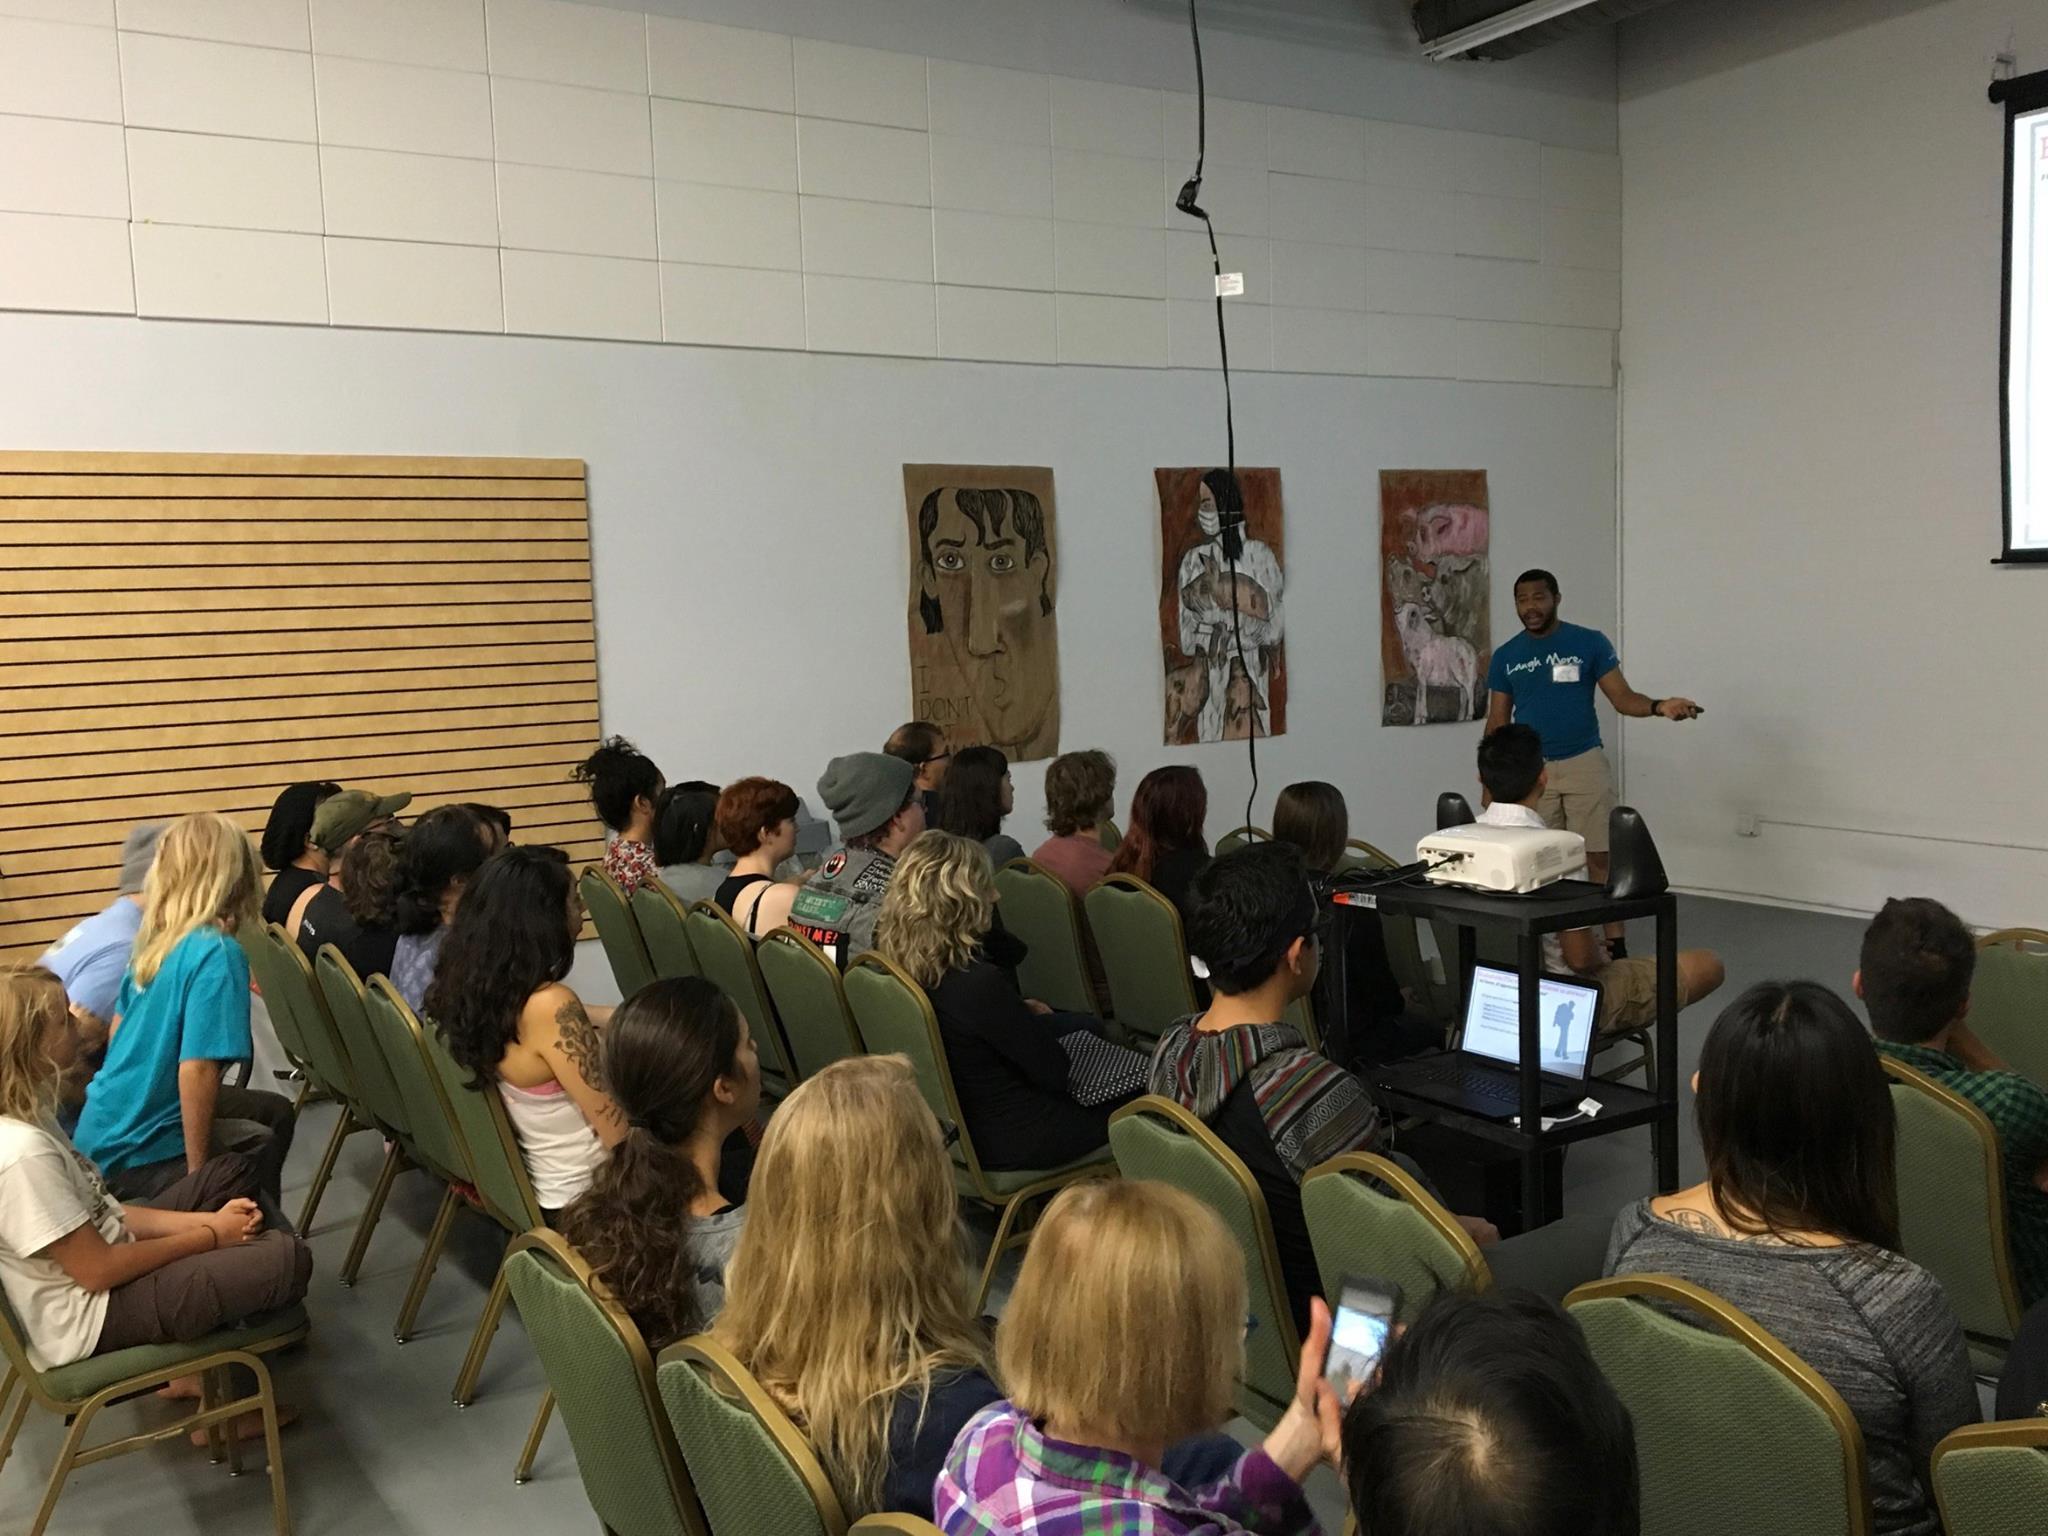 Community members participate in a public speaking seminar.